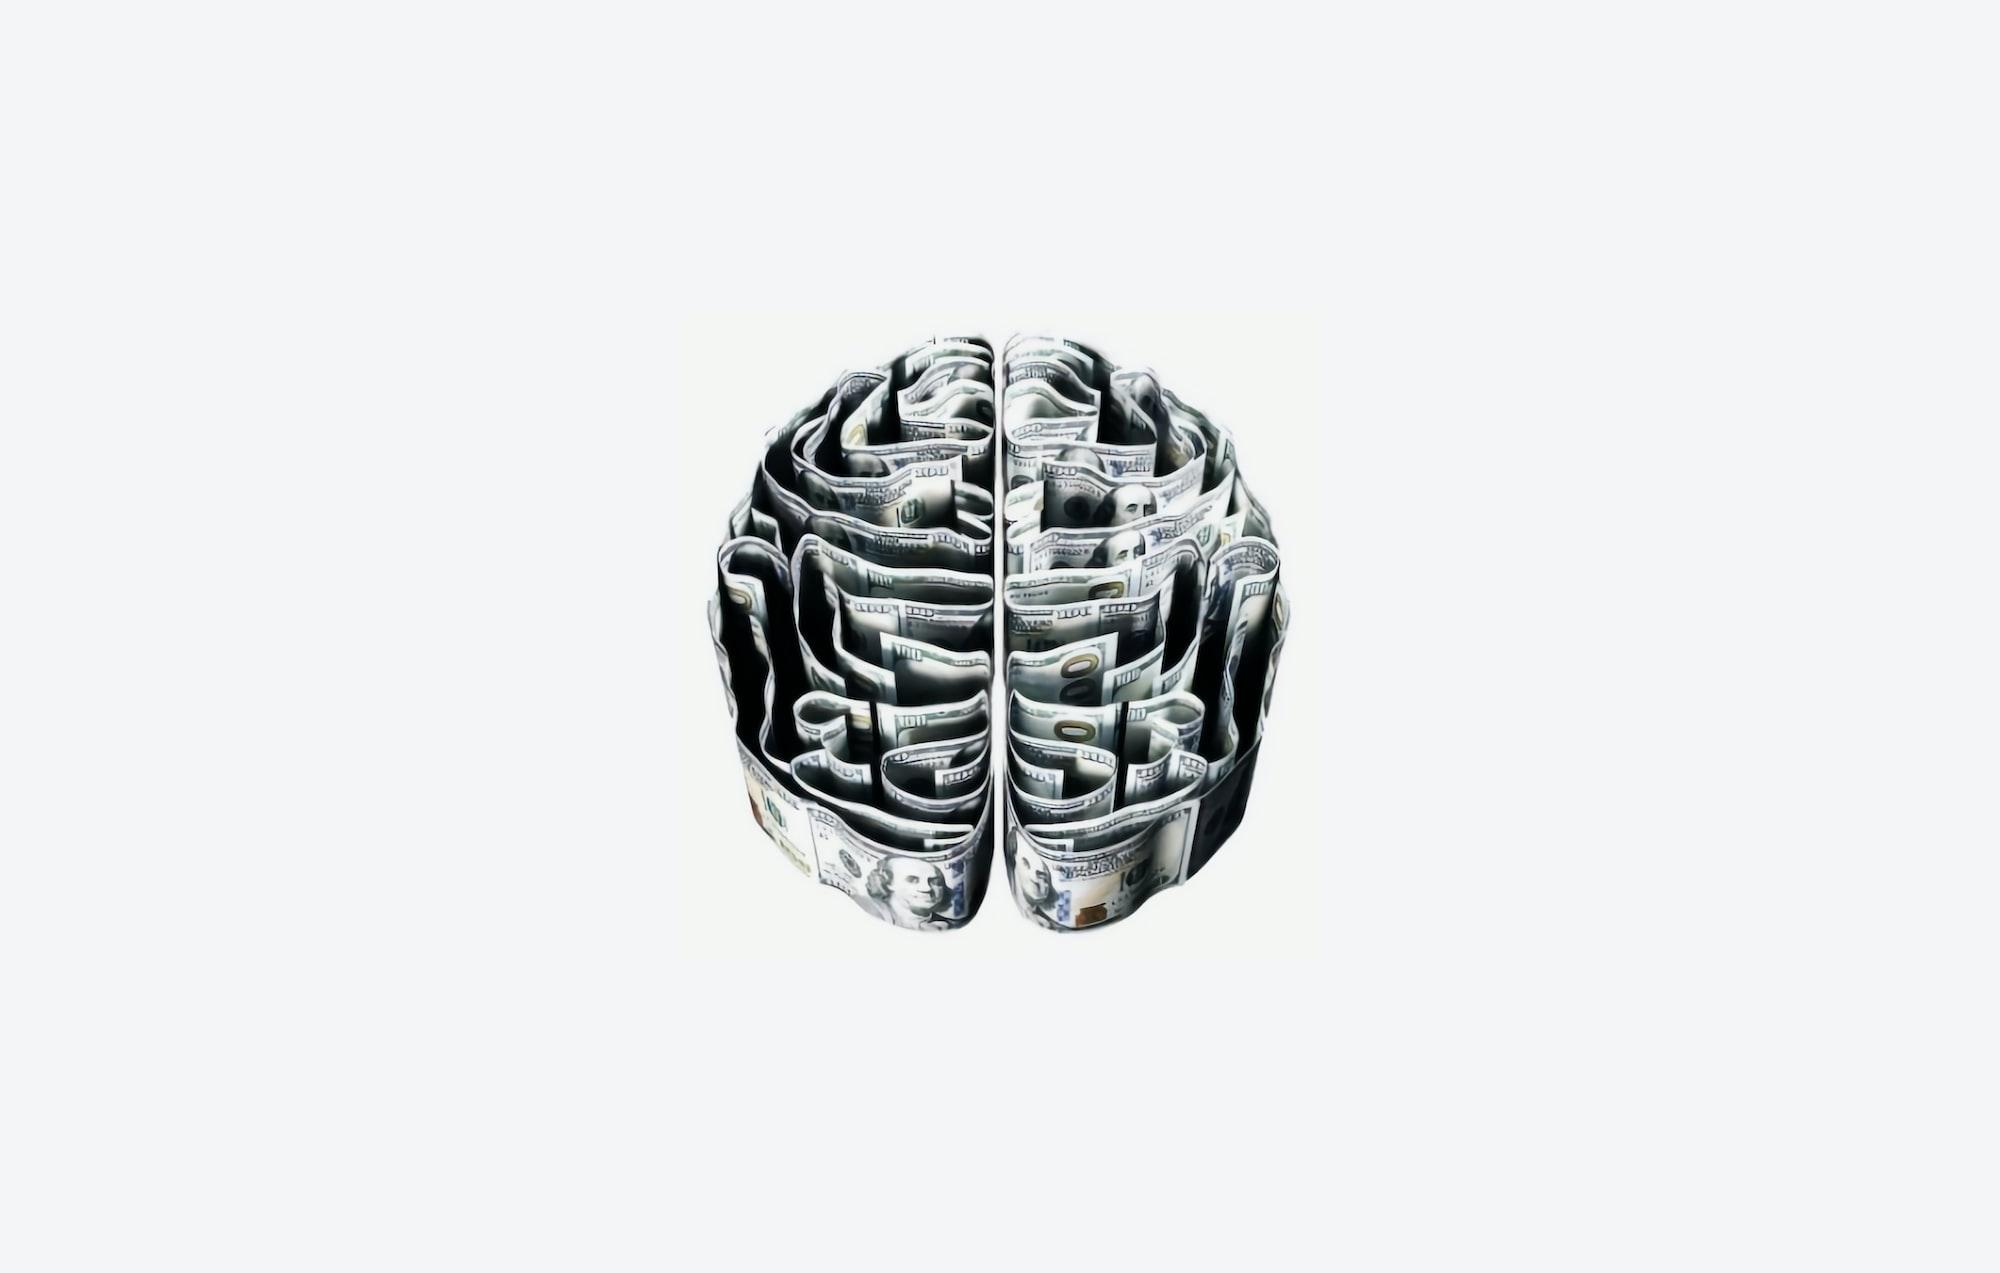 Week 36 - 튜링 테스트를 통과한 AI도 세상을 인간만큼 이해하지 못한다